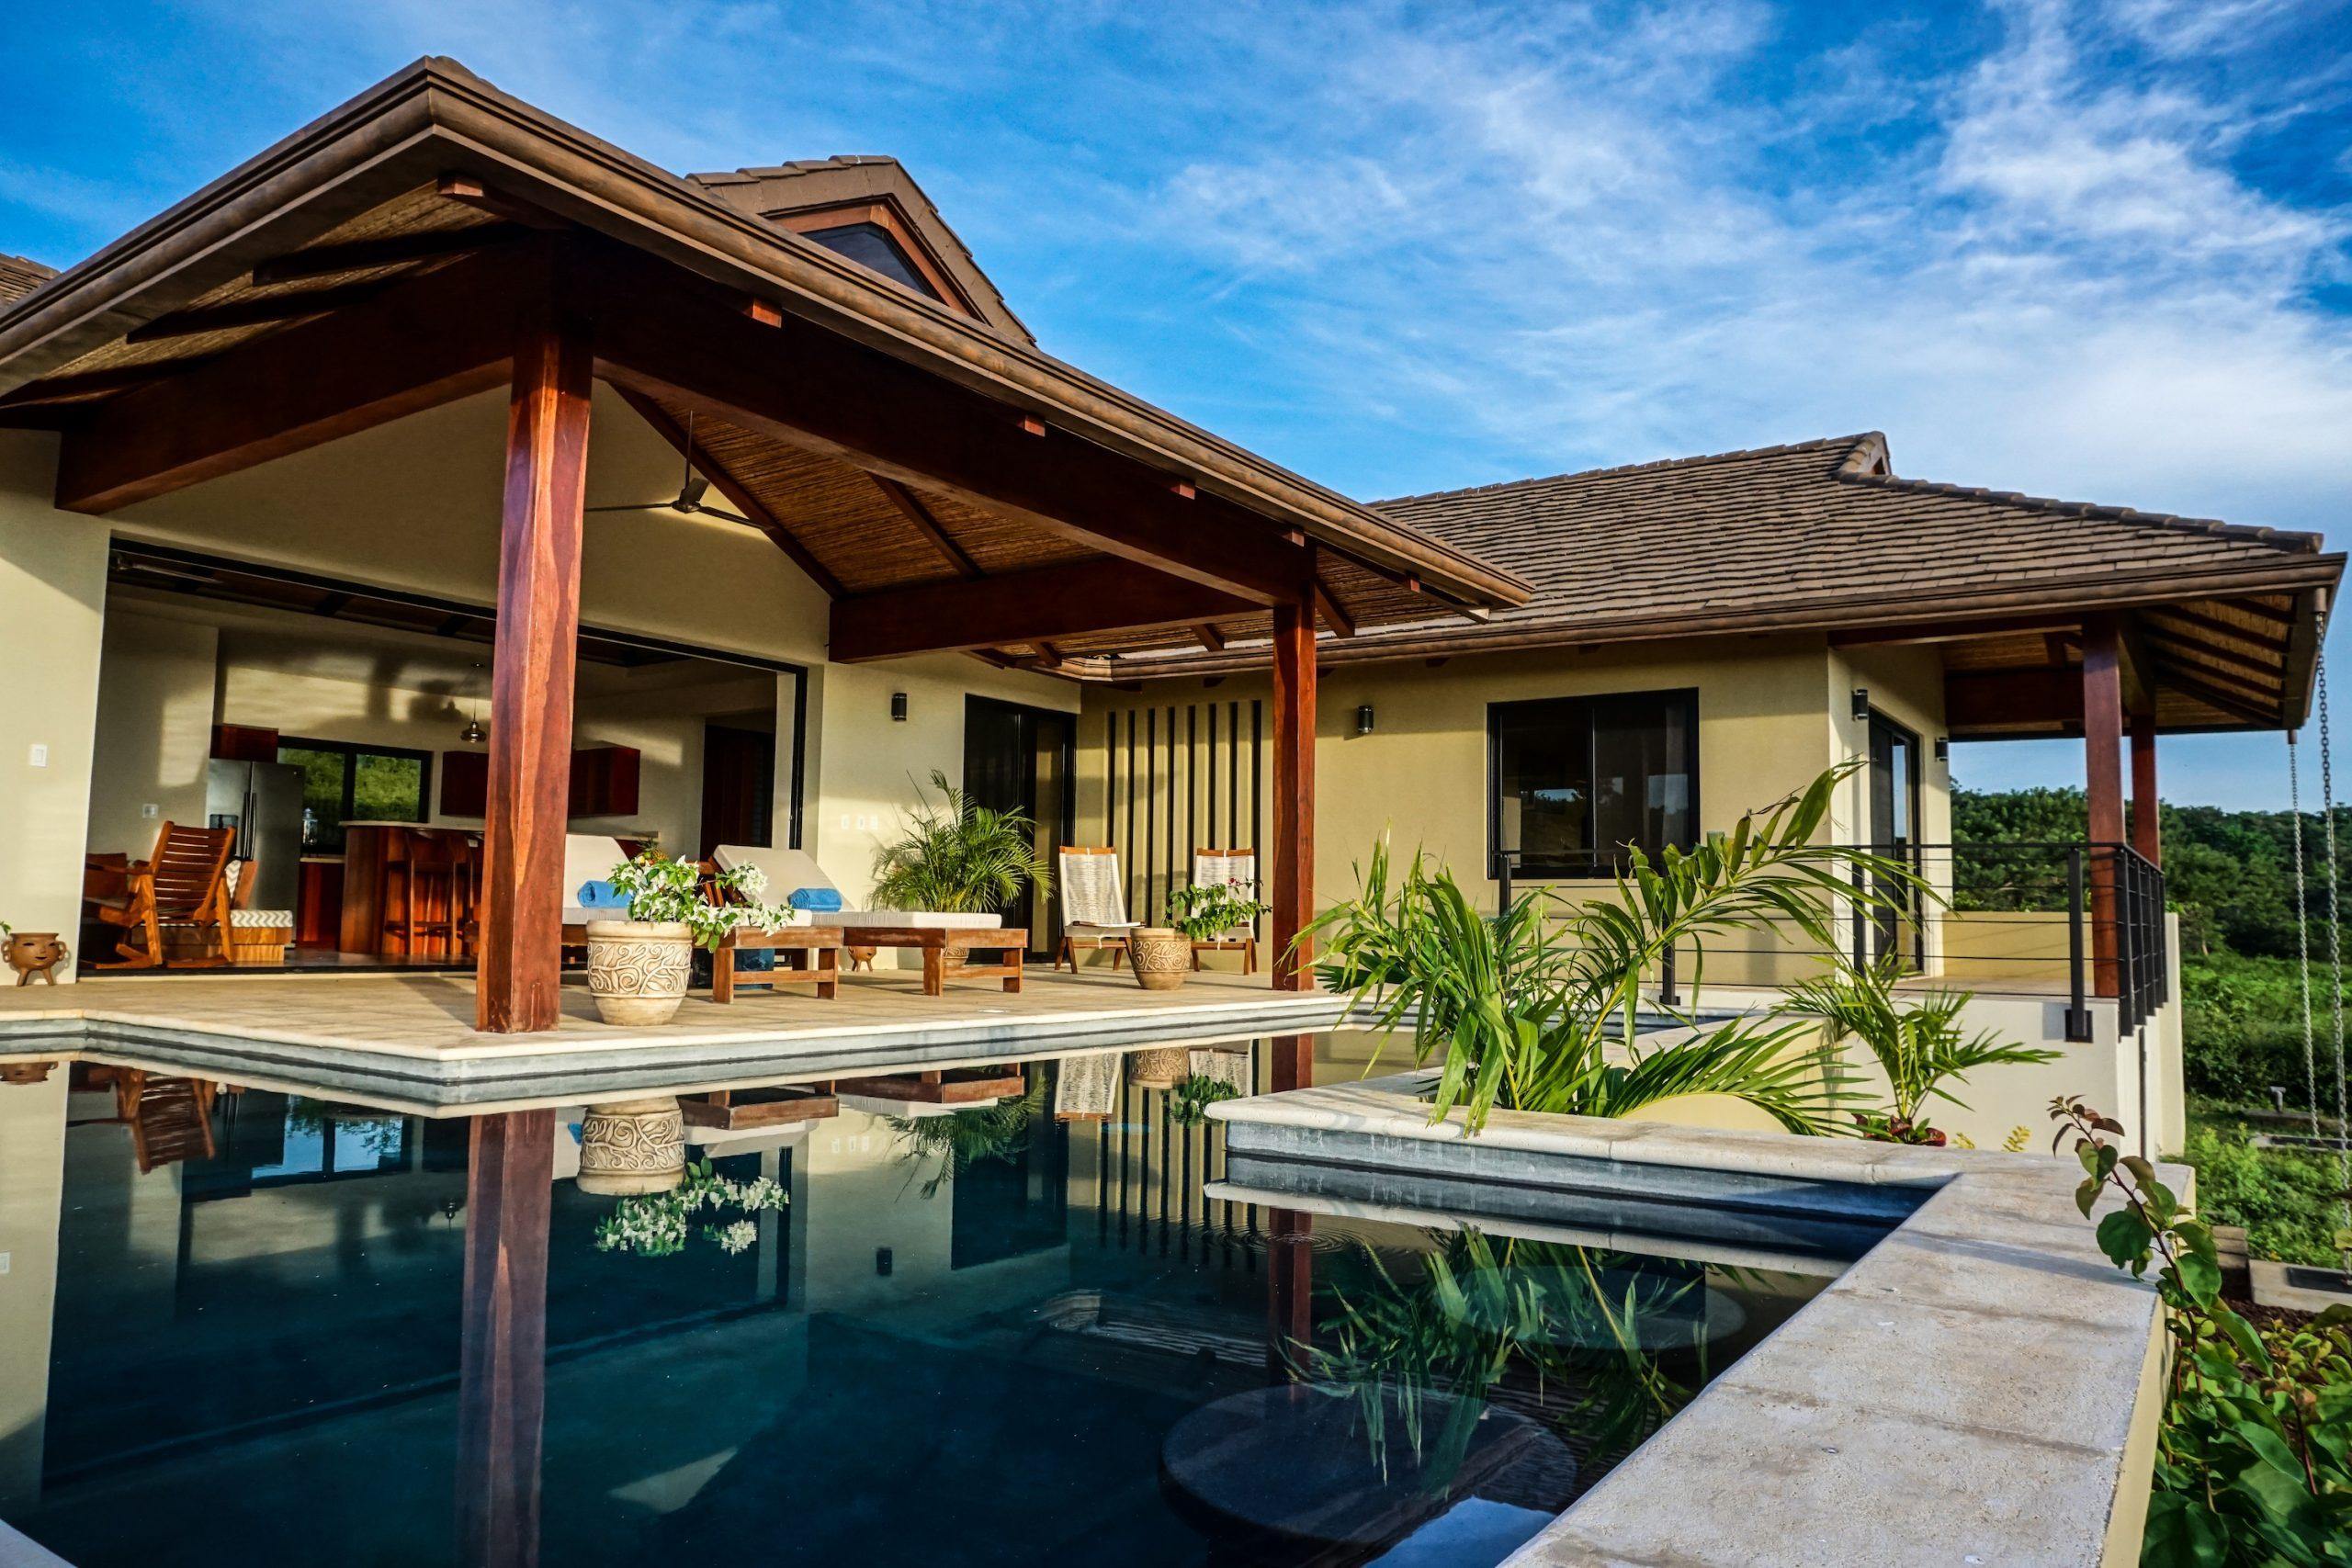 Suenos del Encanto Stunning Villas